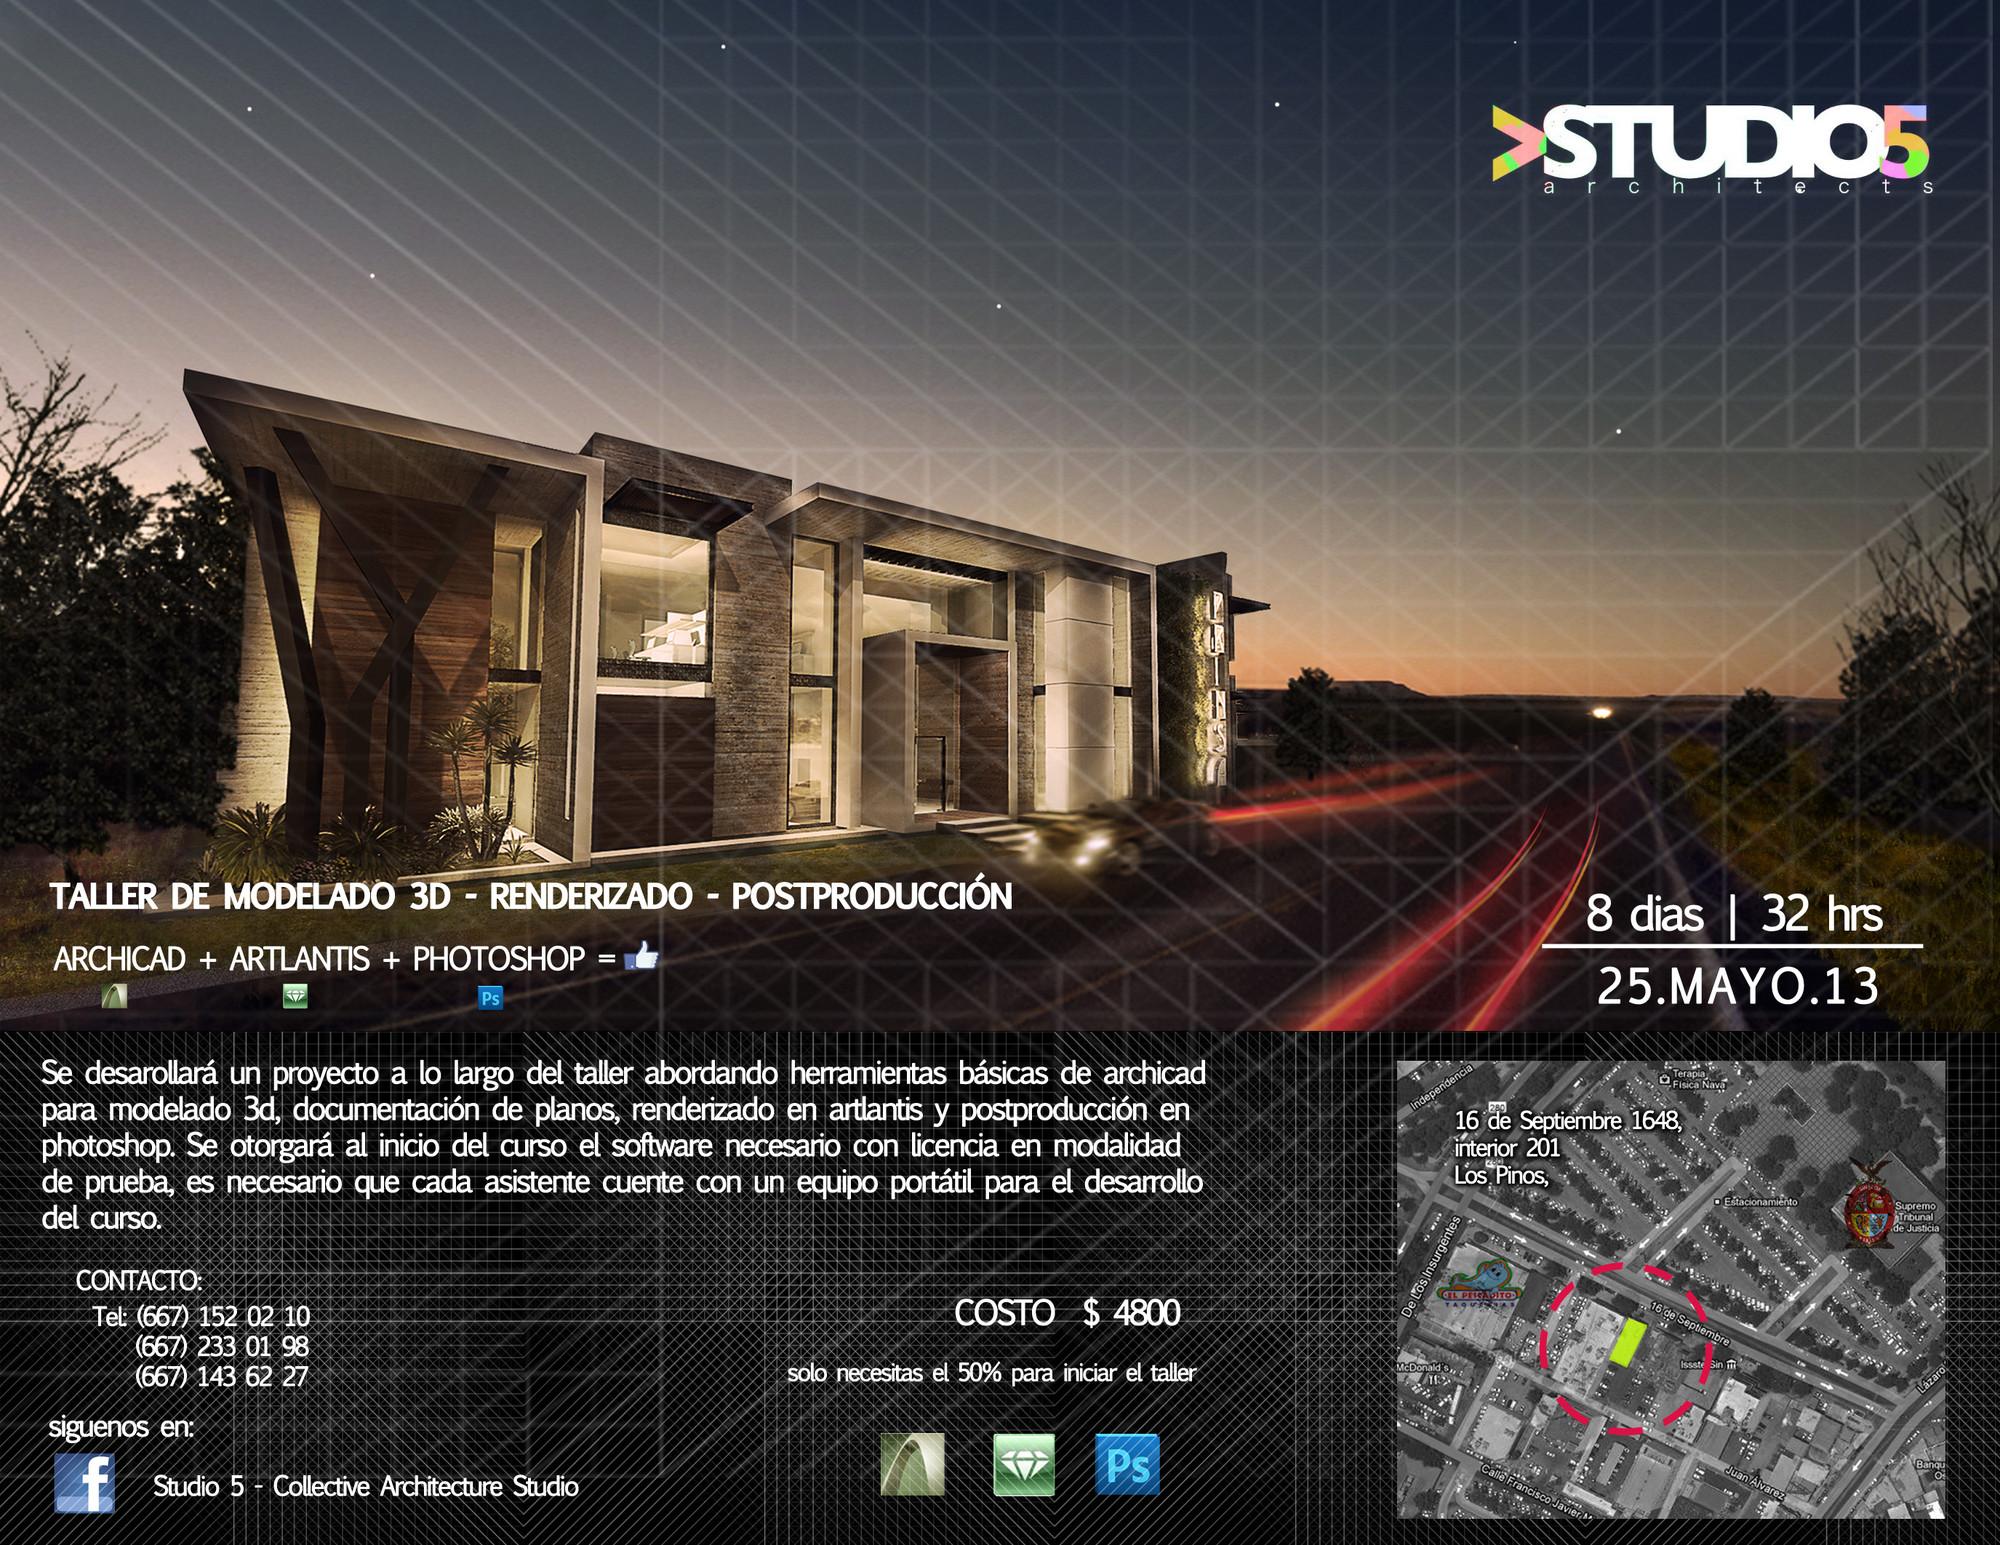 Taller de Modelado 3D, Renderizado y Post Producción en Ciudad de México / Studio 5 - Collective Architecture Studio [¡Sorteamos un Cupo!]